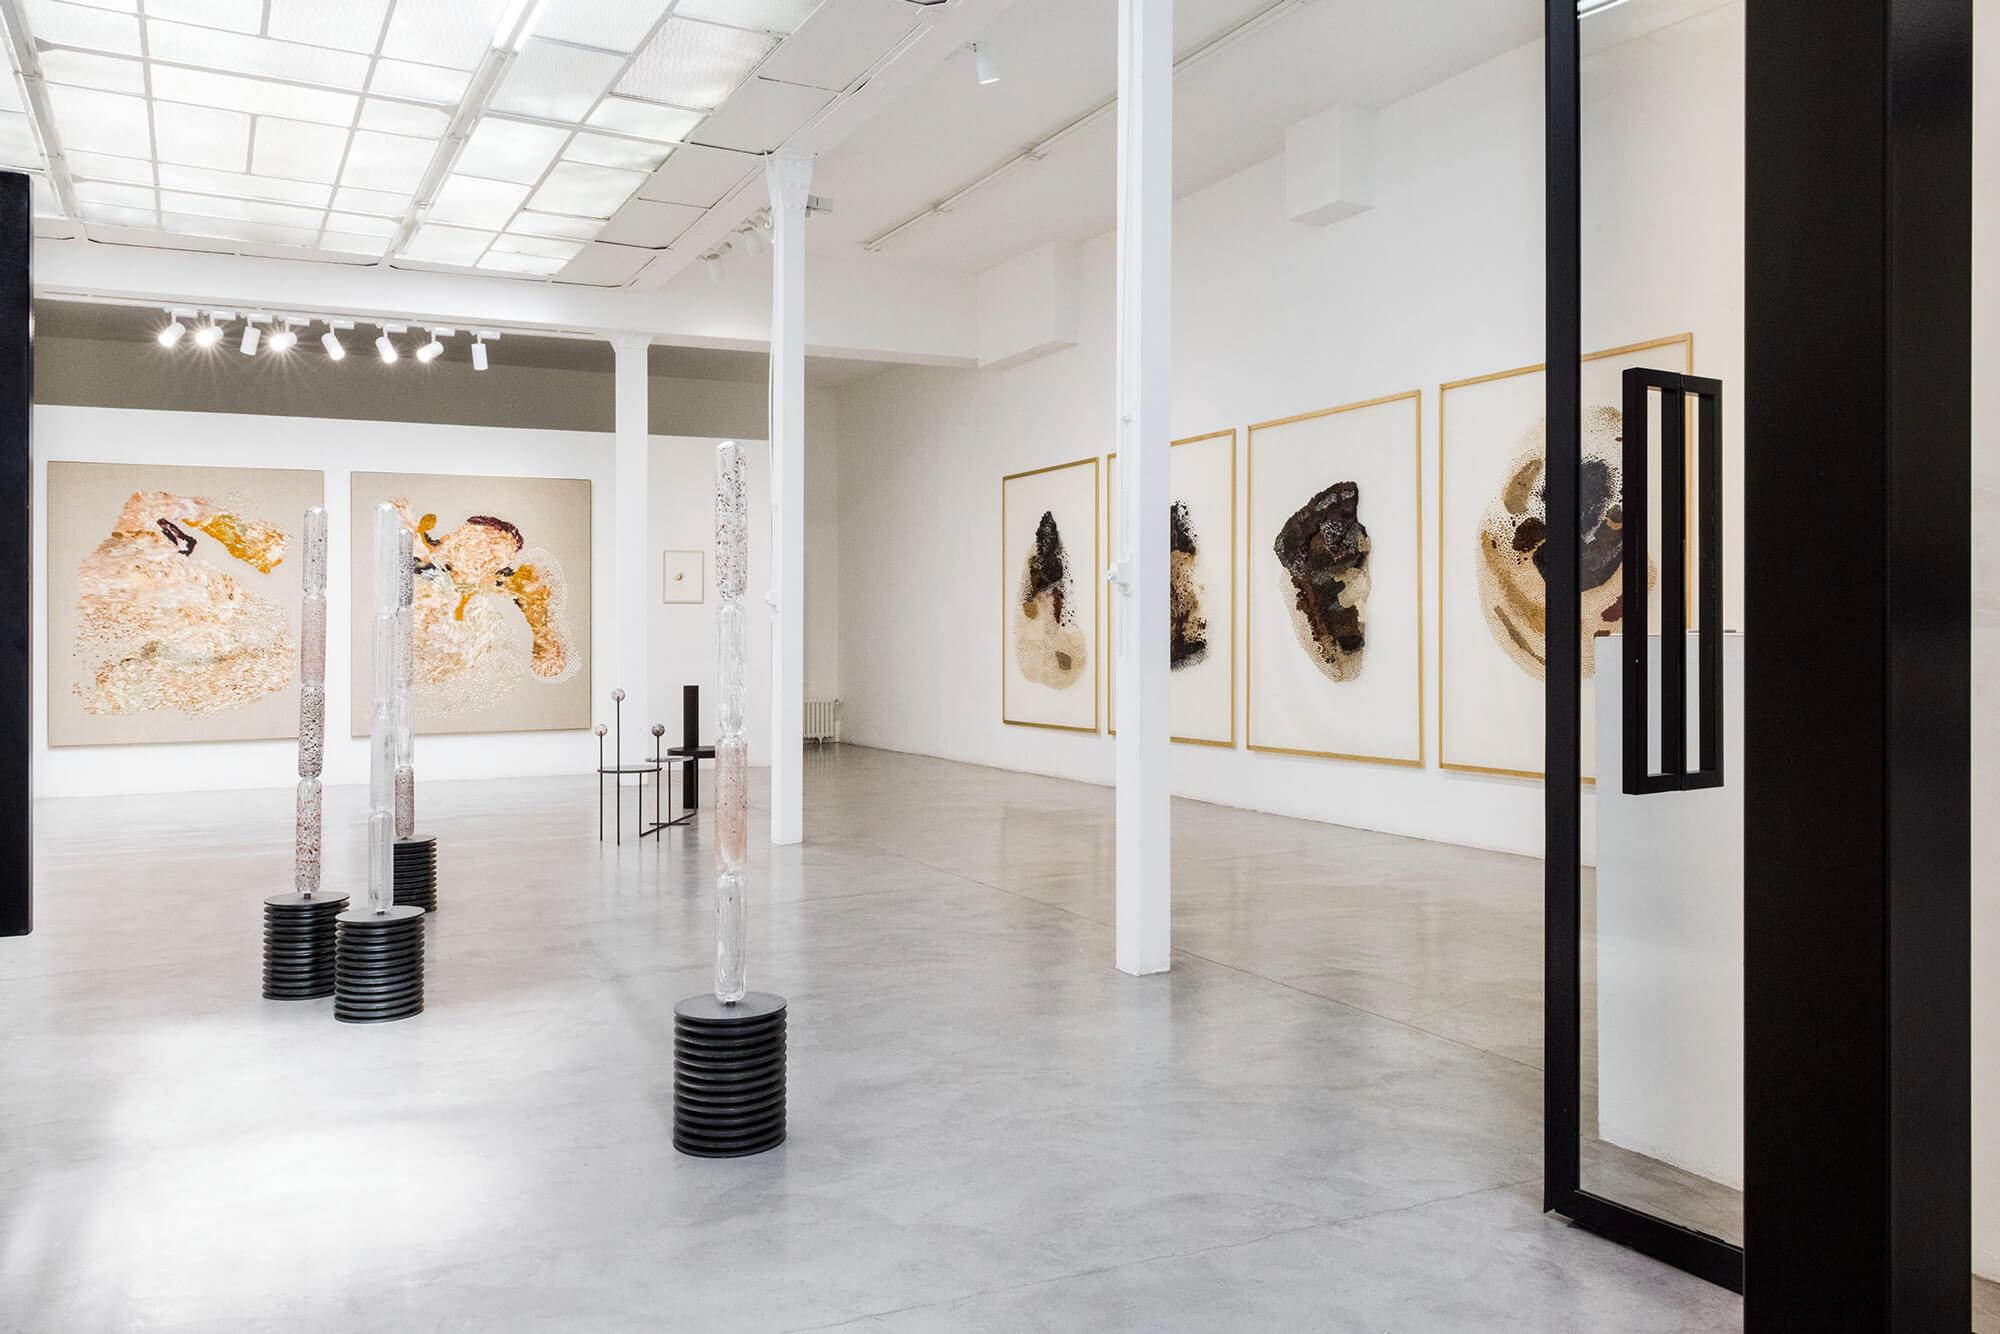 Entrée de l'exposition de Daniela Busarello à la galerie Mouvements Modernes.